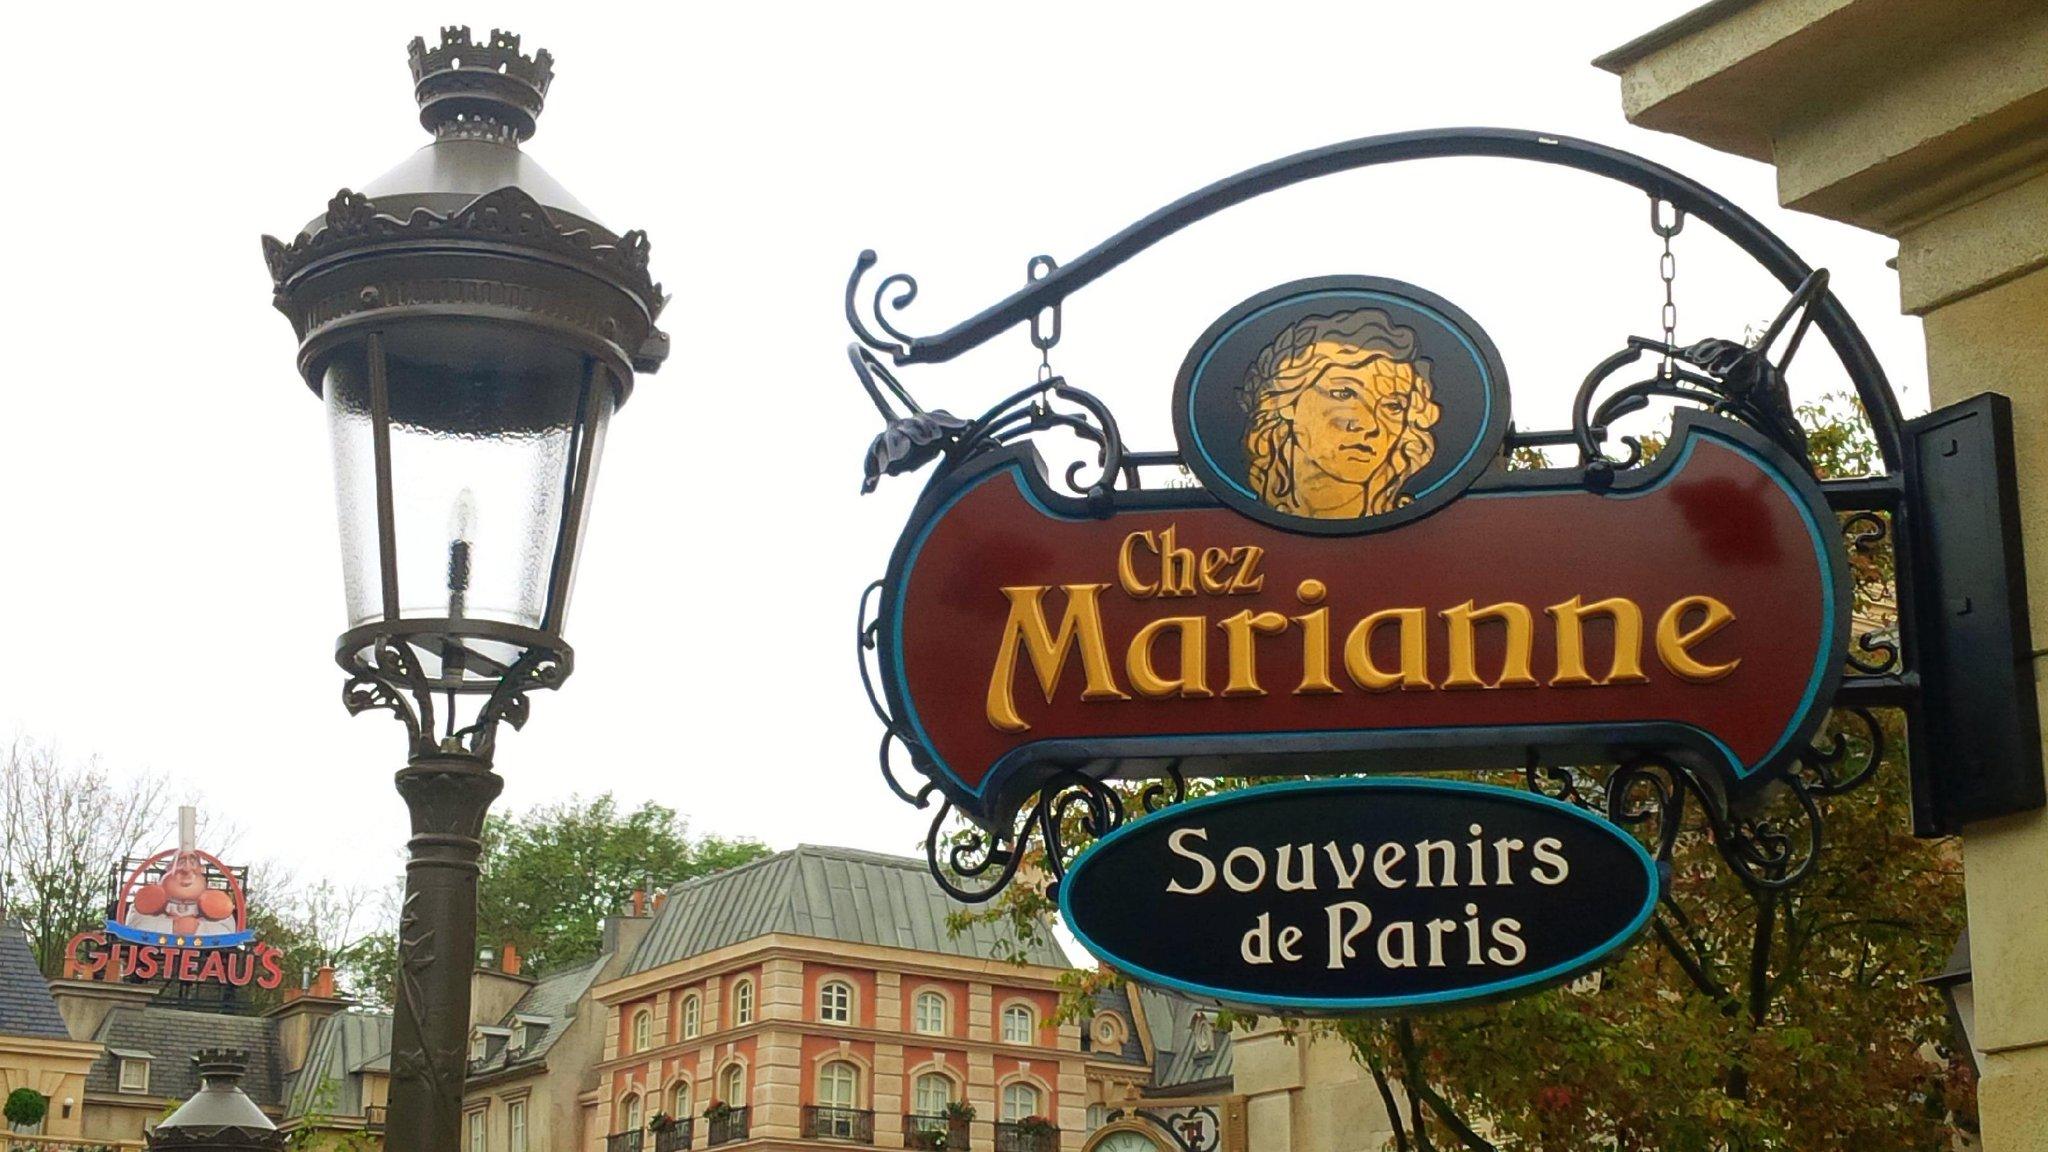 [Nouvelle Boutique - Toon Studio] Chez Marianne Souvenirs de Paris (28 novembre 2014) - Page 7 B0IunQSIYAA8YW4